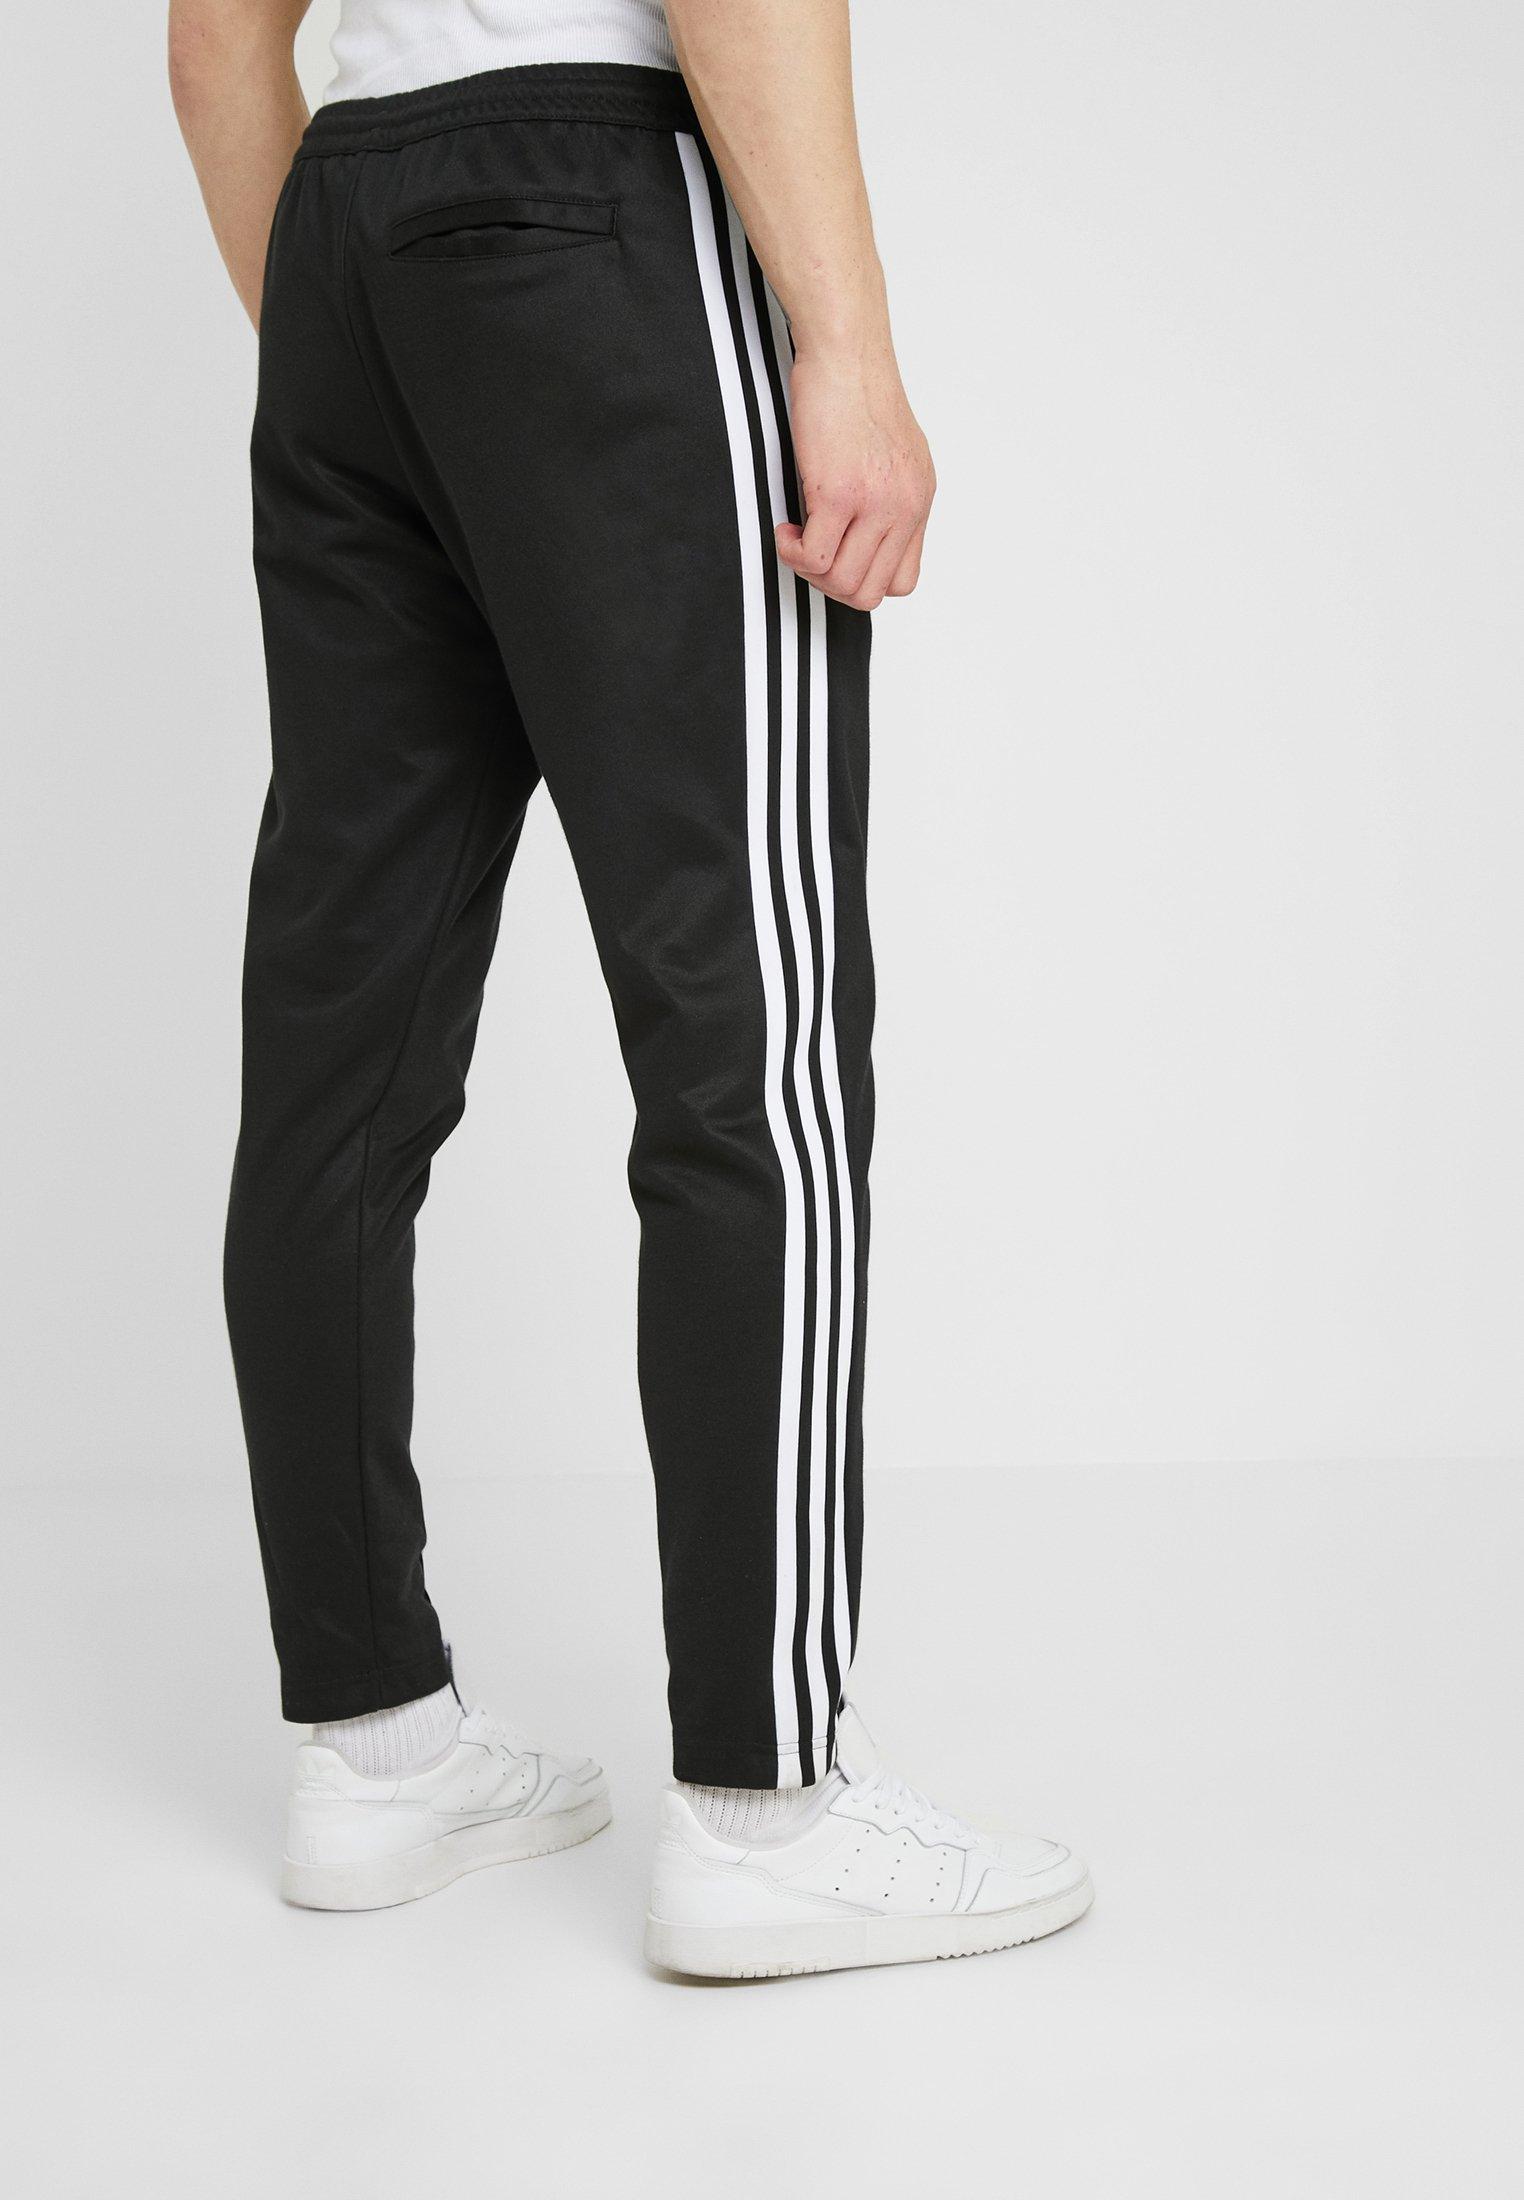 Adidas Originals Beckenbauer - Spodnie Treningowe Black